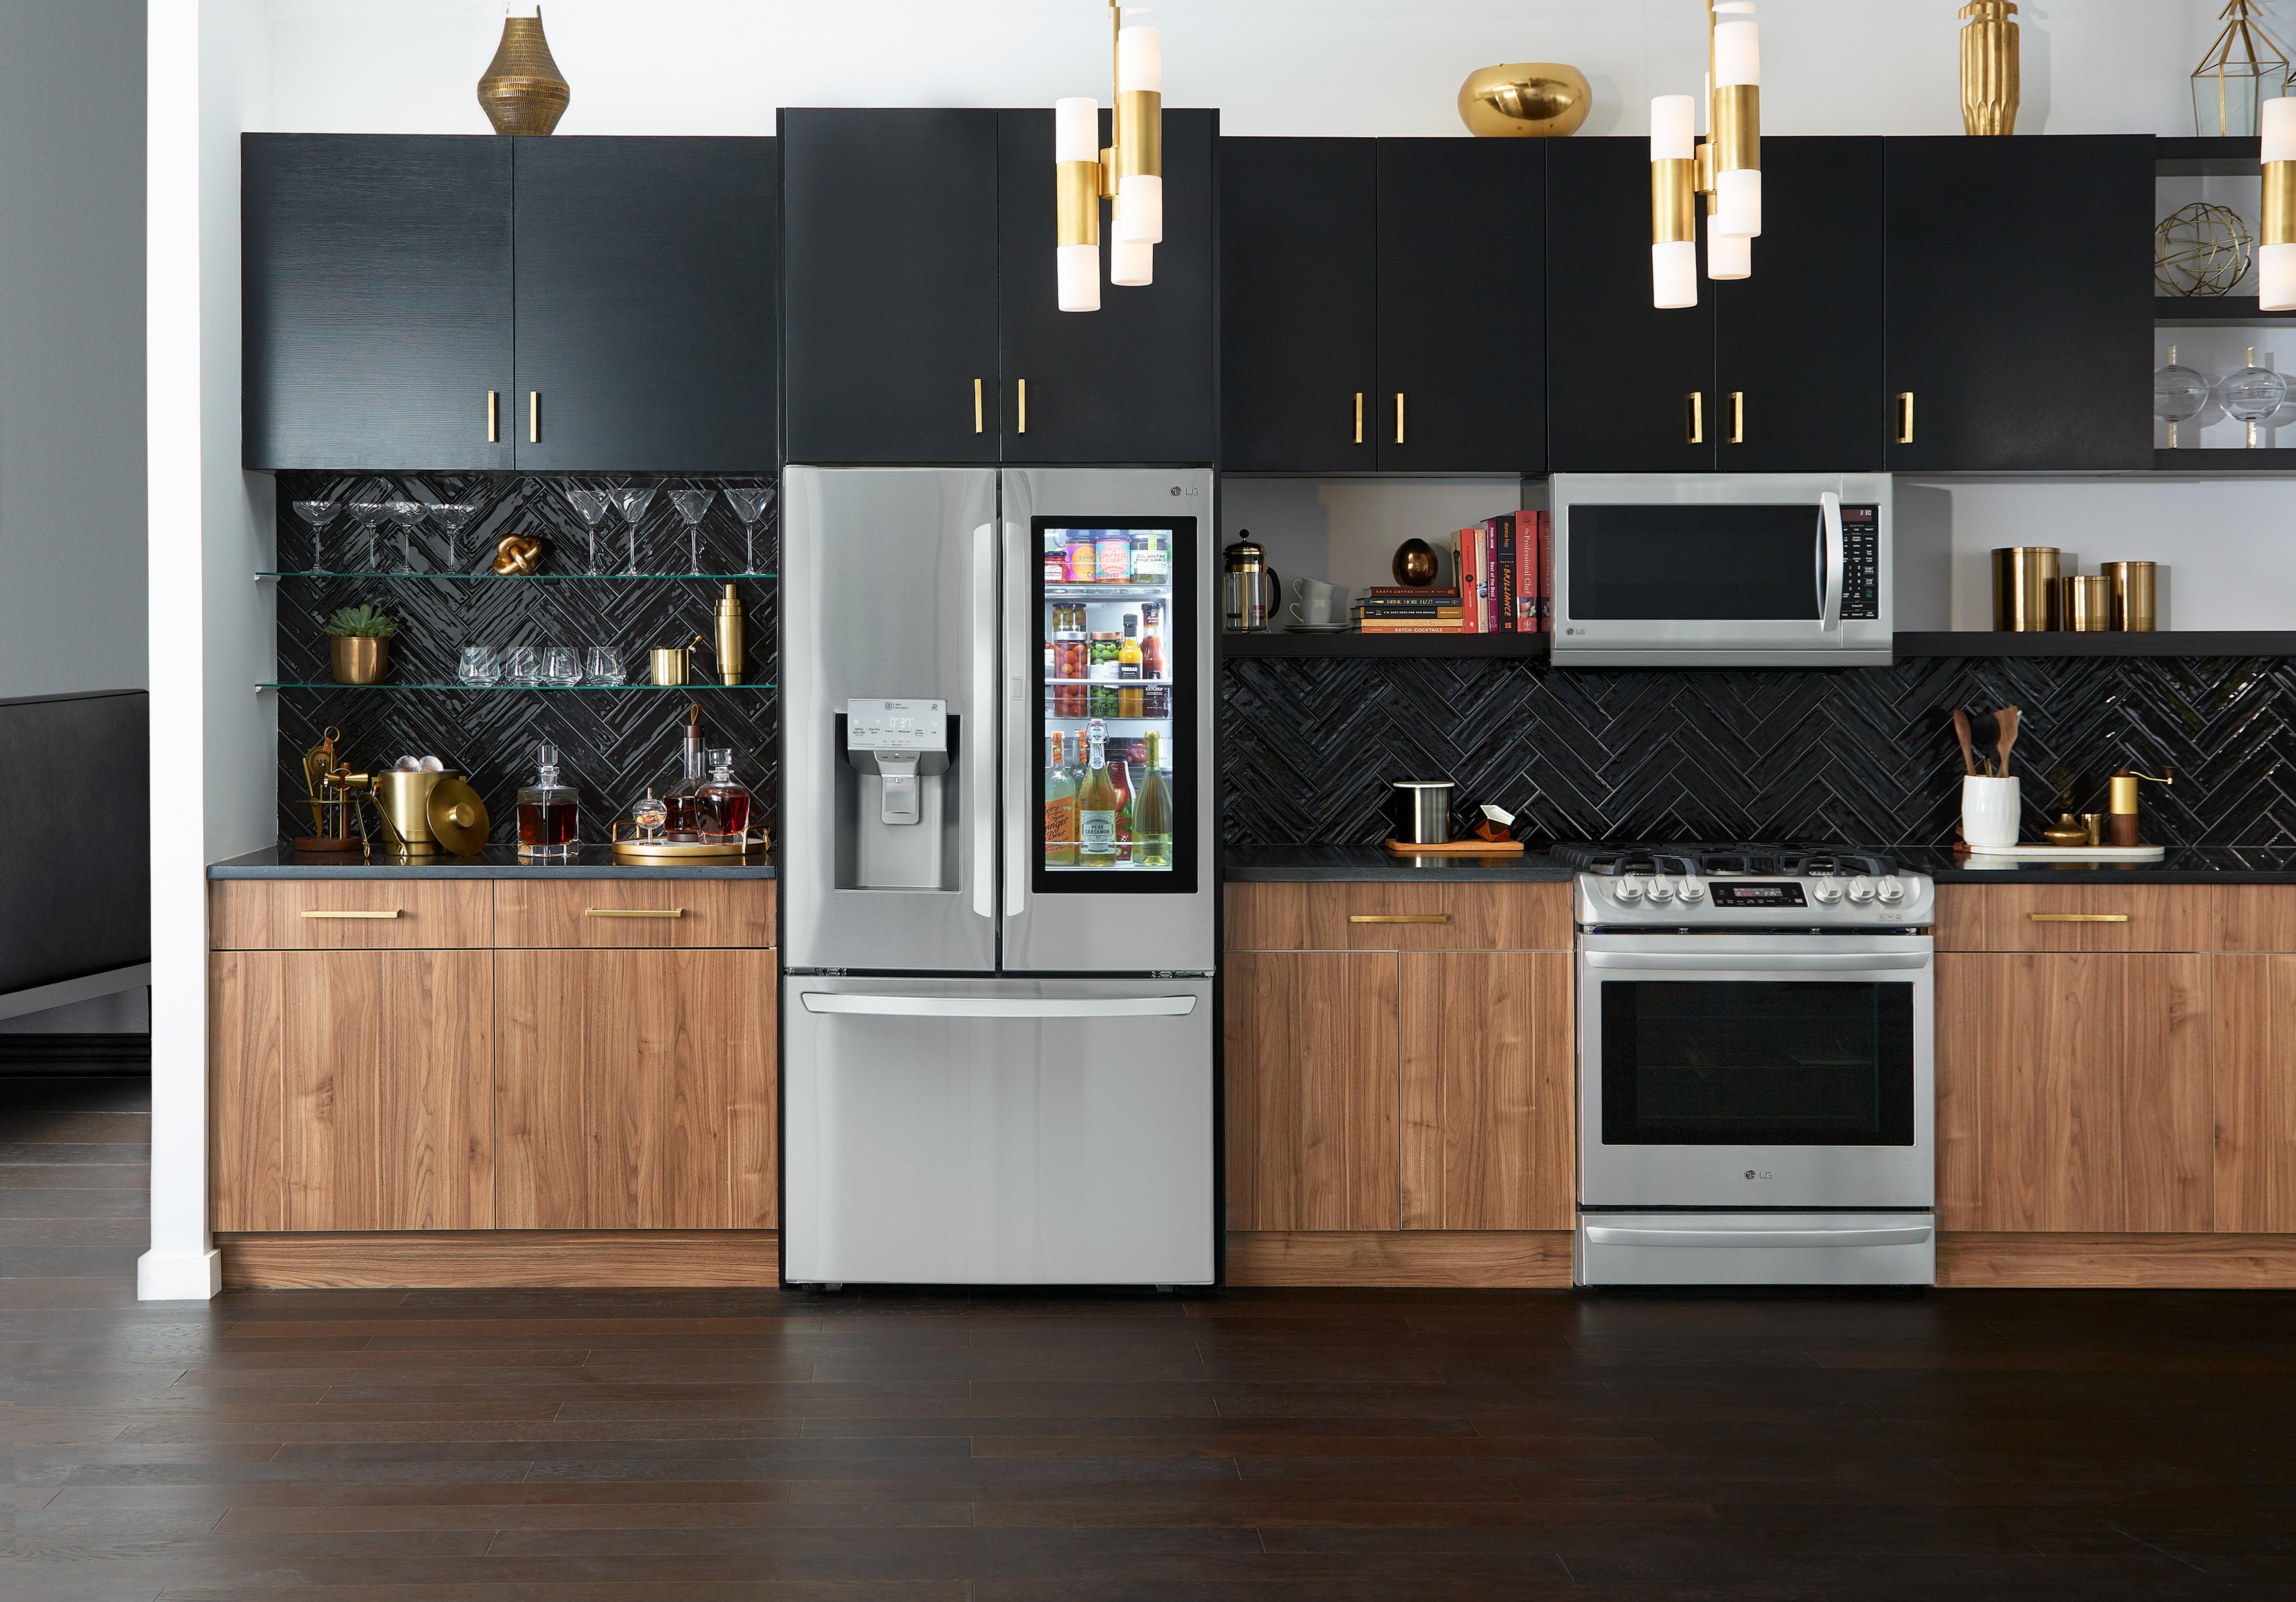 LG - Appliance Bundle Savings - Save an Additional 5% or 10%